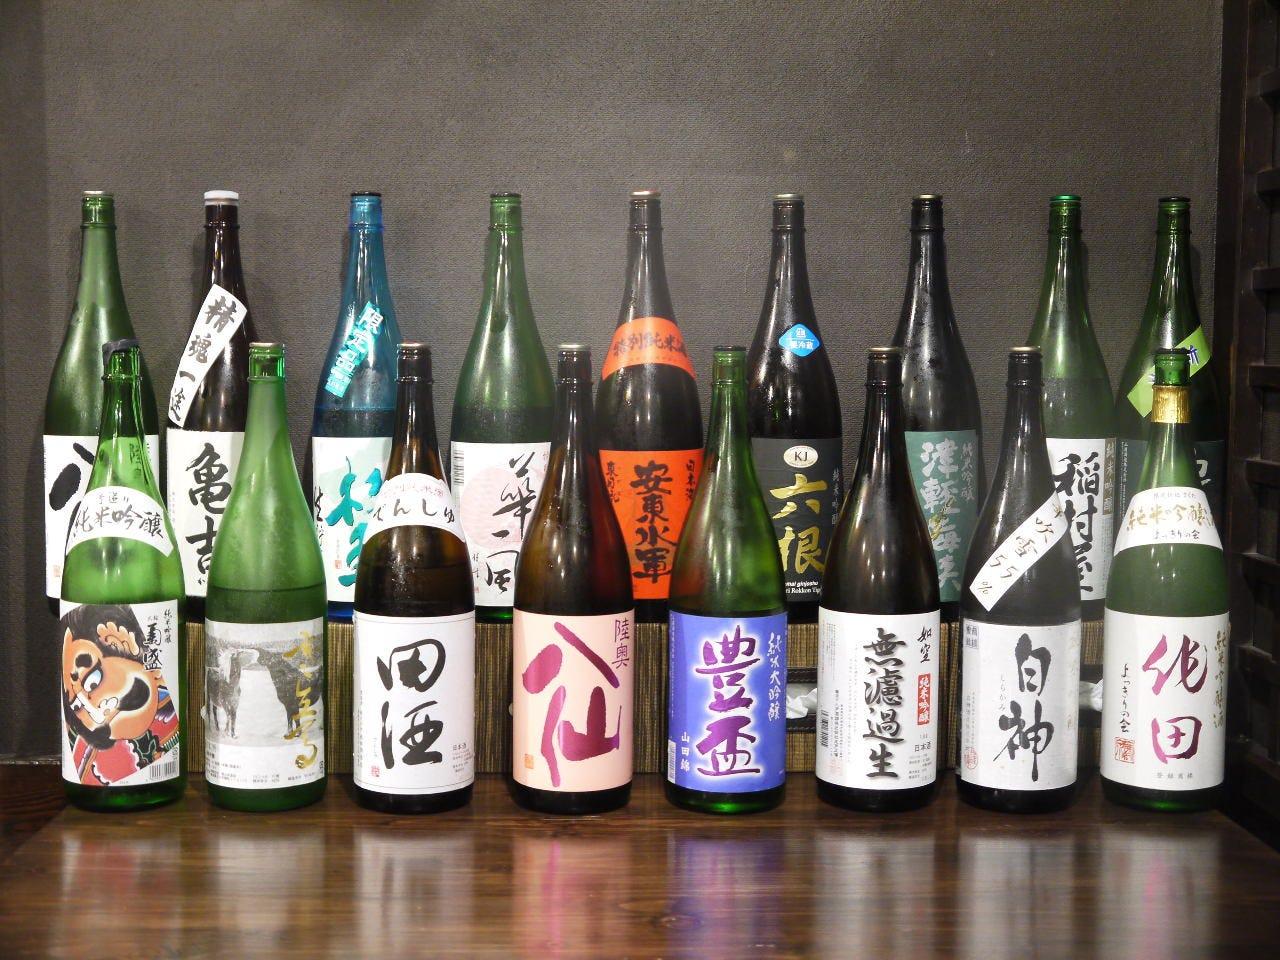 青森の地酒と季節限定の日本酒